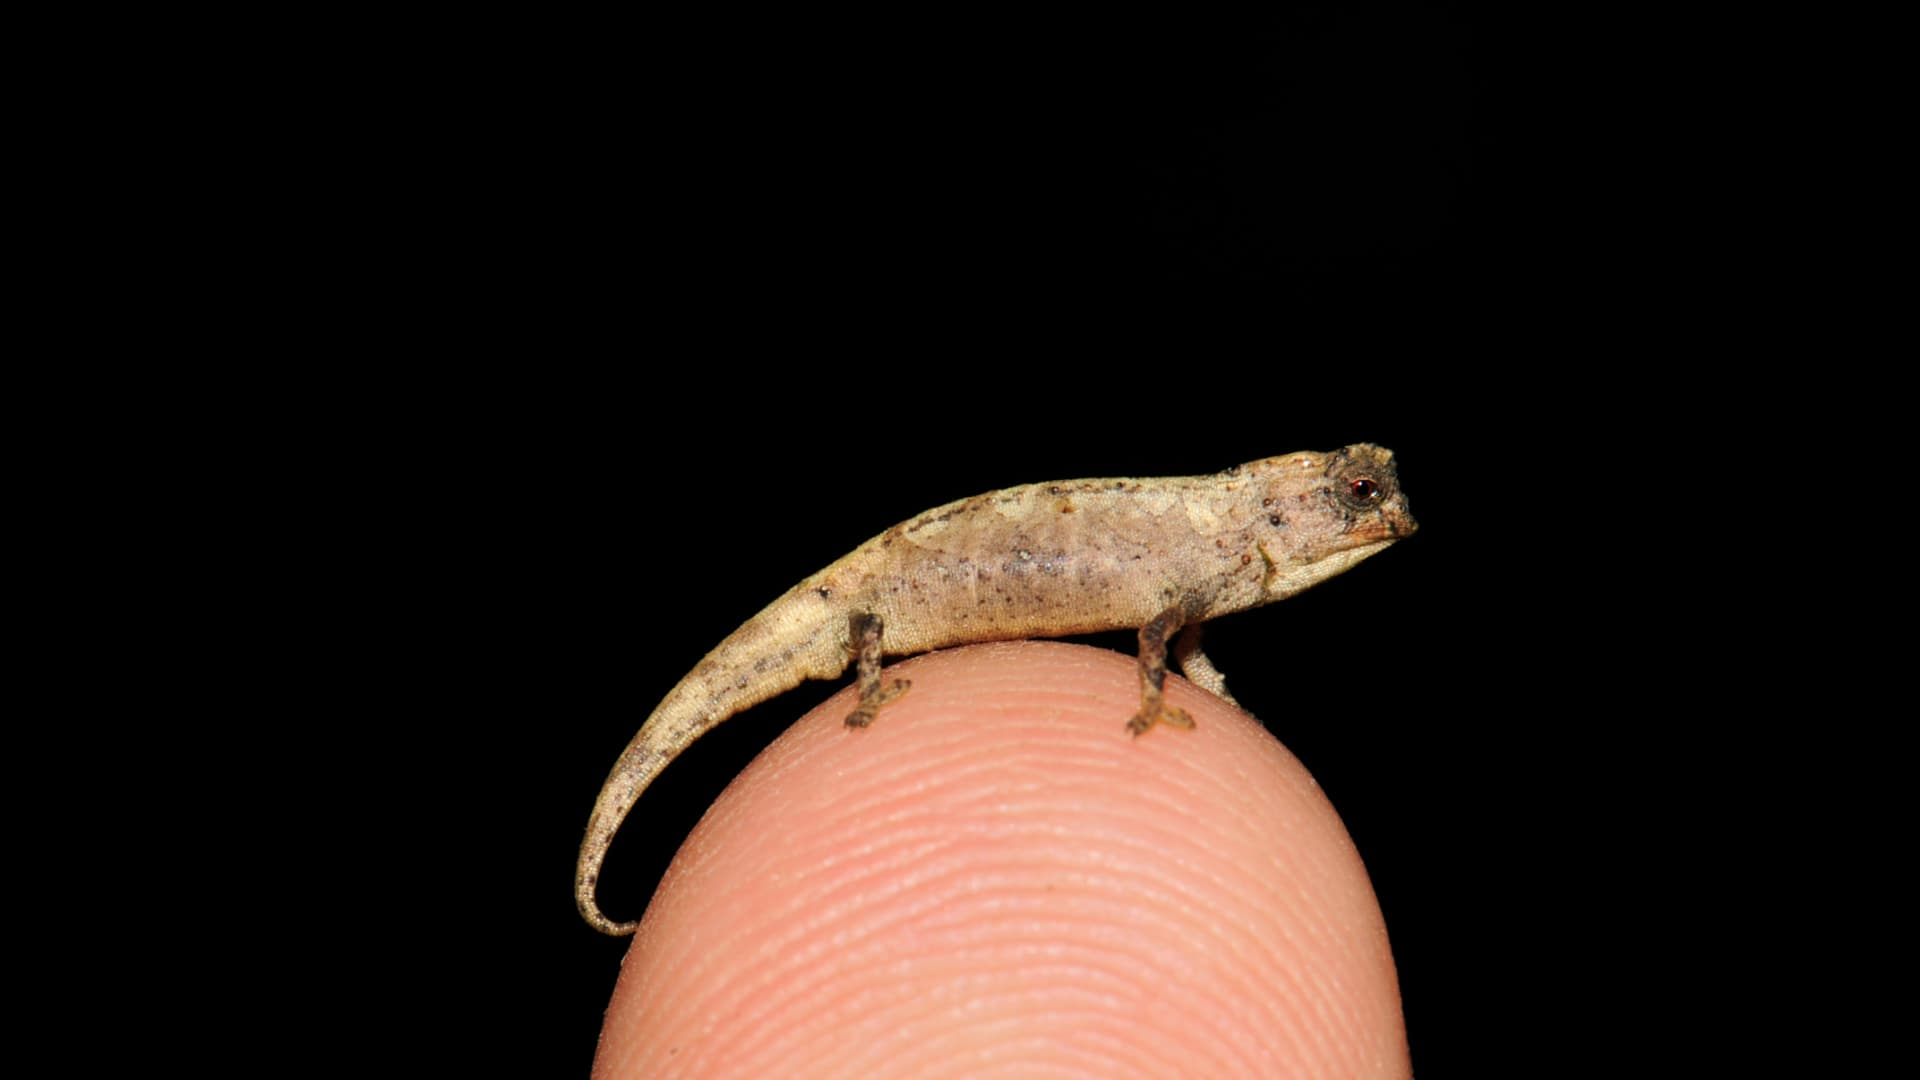 """""""نانو حرباء"""".. قد يكون هذا الكائن المكتشف حديثا أصغر الزواحف بالعالم"""